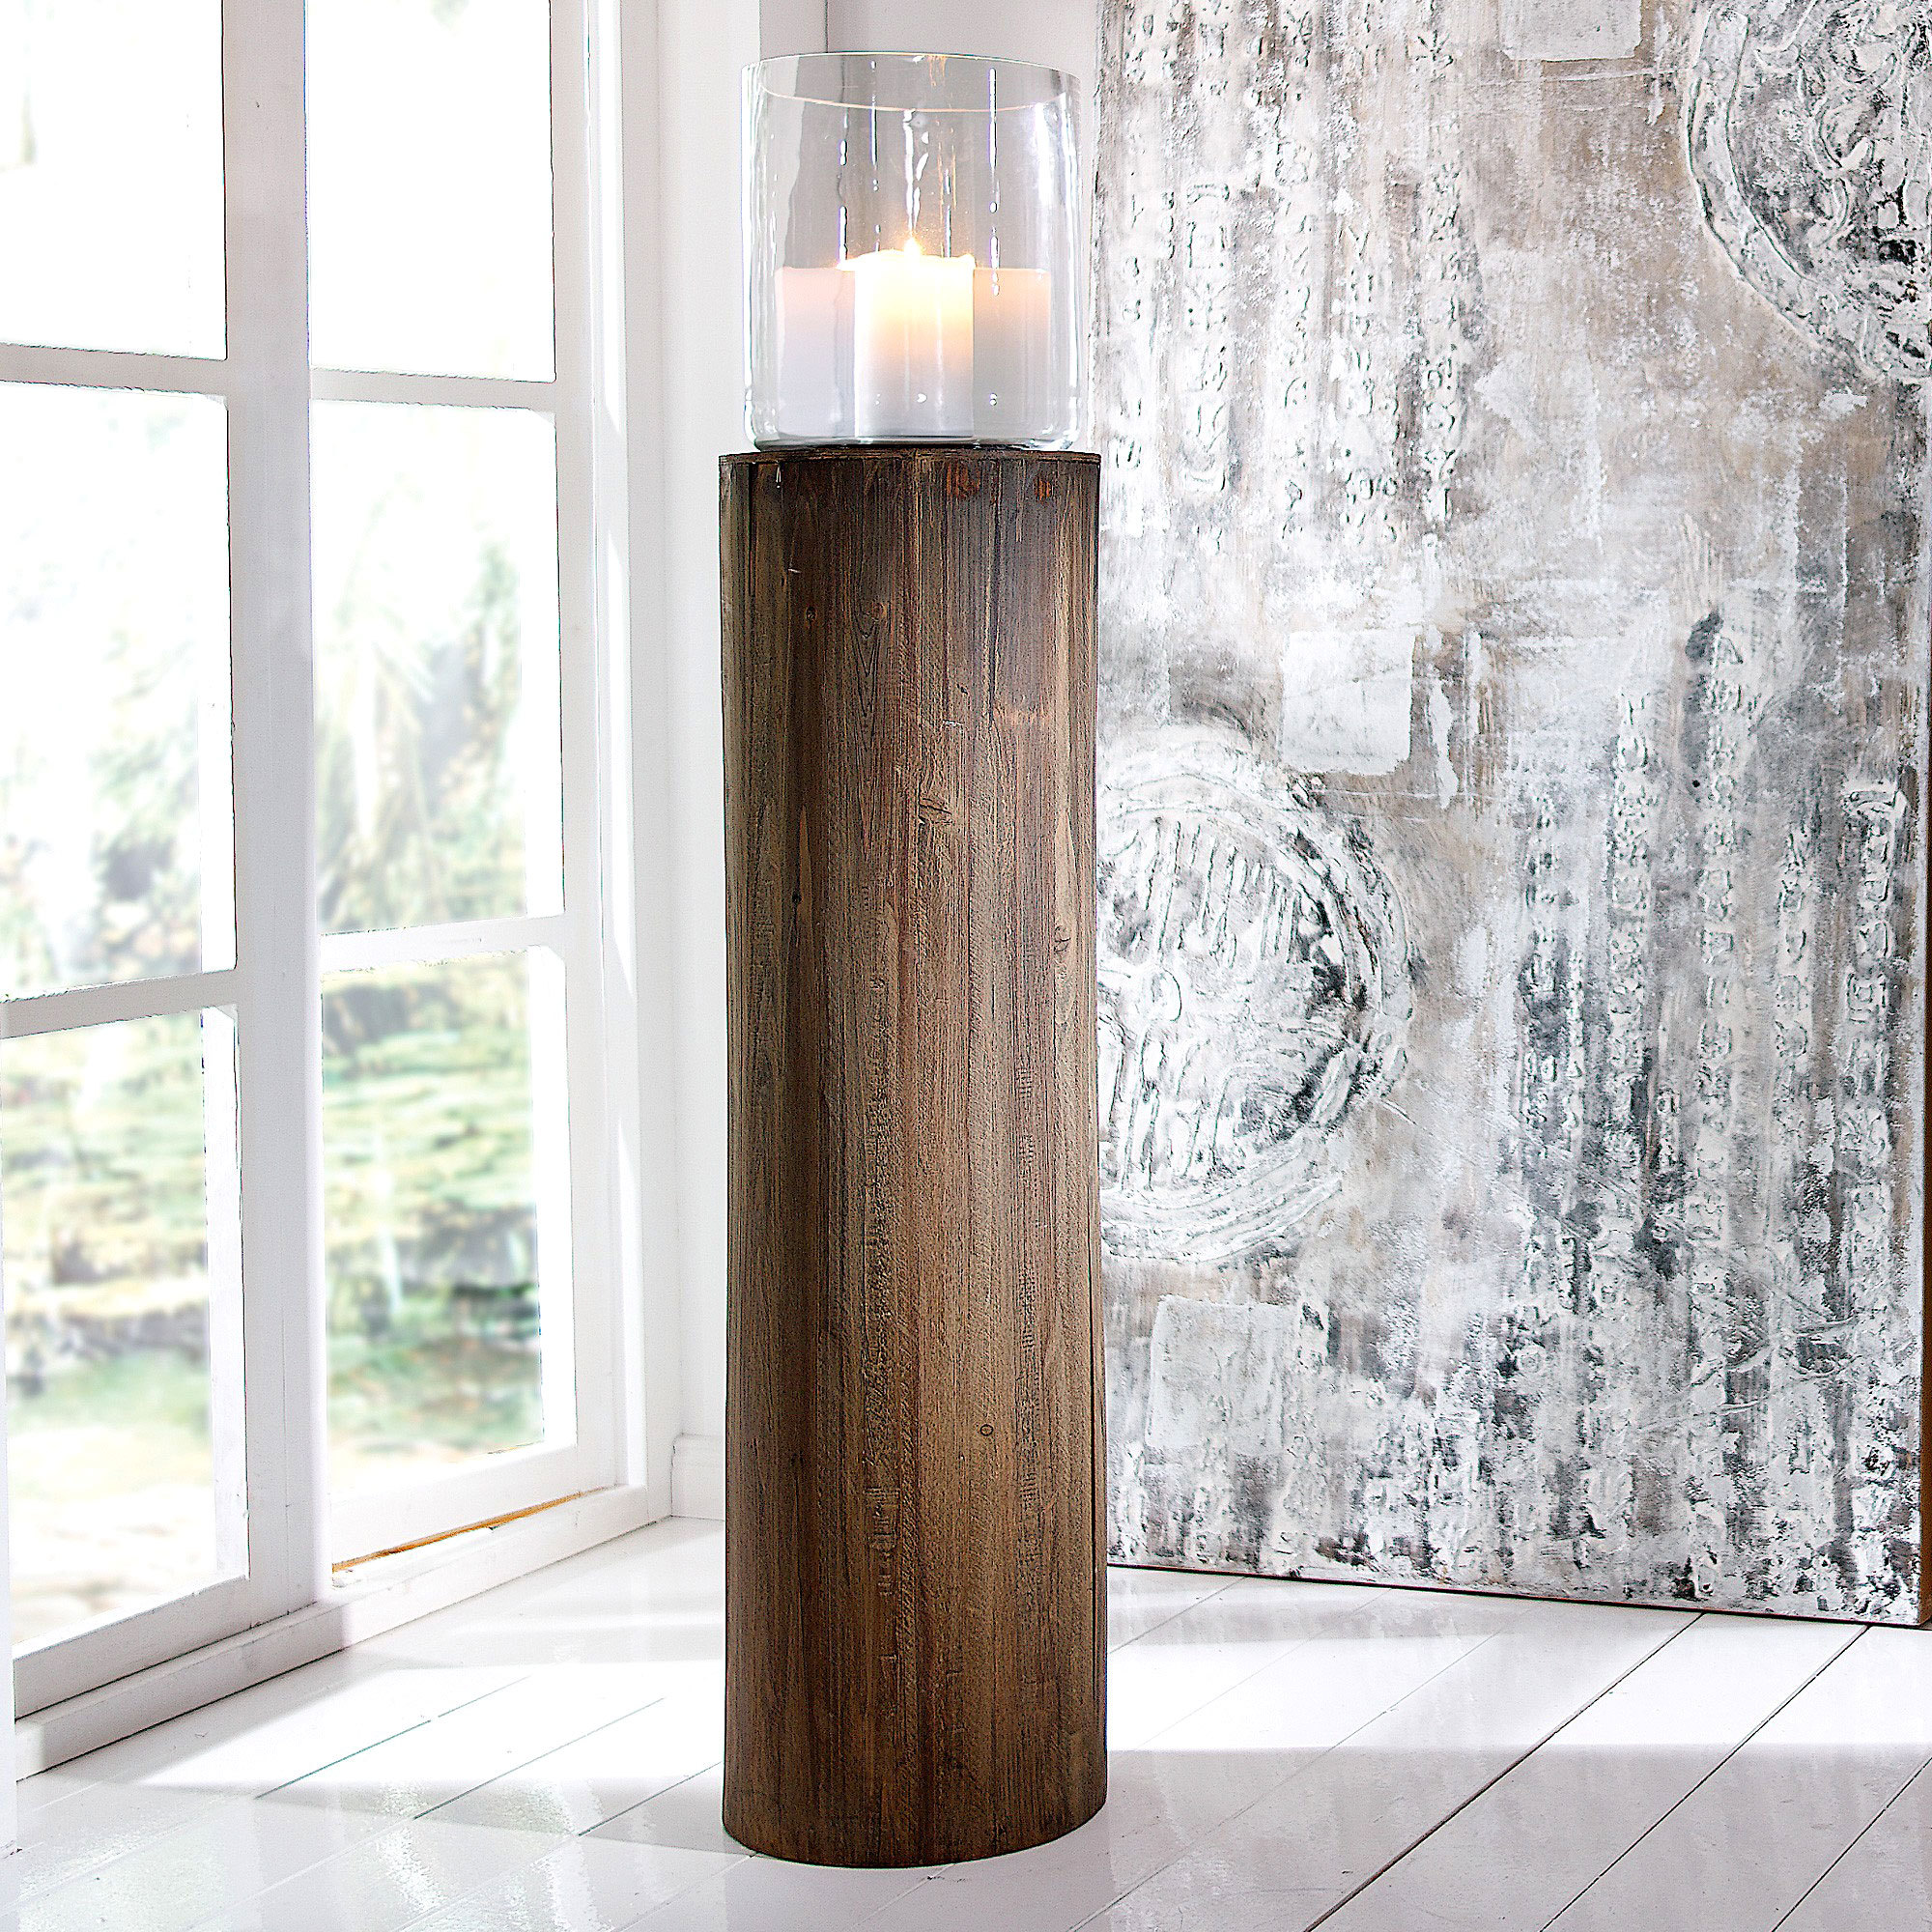 Windlicht Aus Holz Jetzt Bei Weltbild De Bestellen